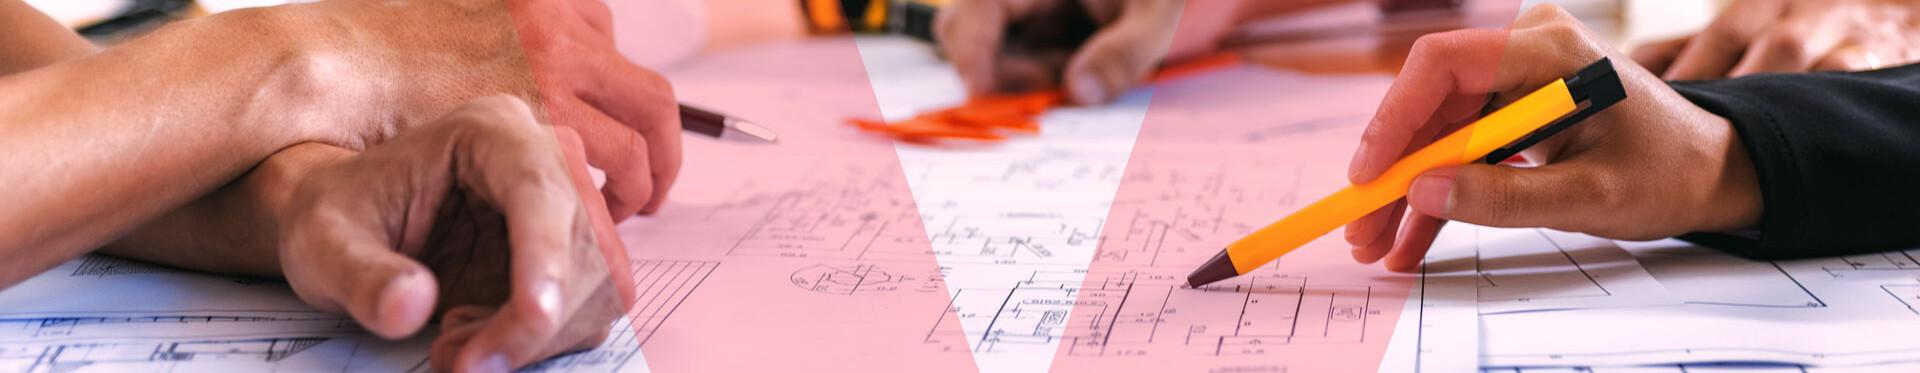 Wykaz niezbędnej dokumentacji powykonawczej potwierdzającej dane przyjęte w założeniach konstrukcyjnych i obliczeniach projektowych Norma Zakładowa budowy zbiorników bezciśnieniowych z tworzyw termoplastycznych nr NZ-AM/14192/TERM/2020